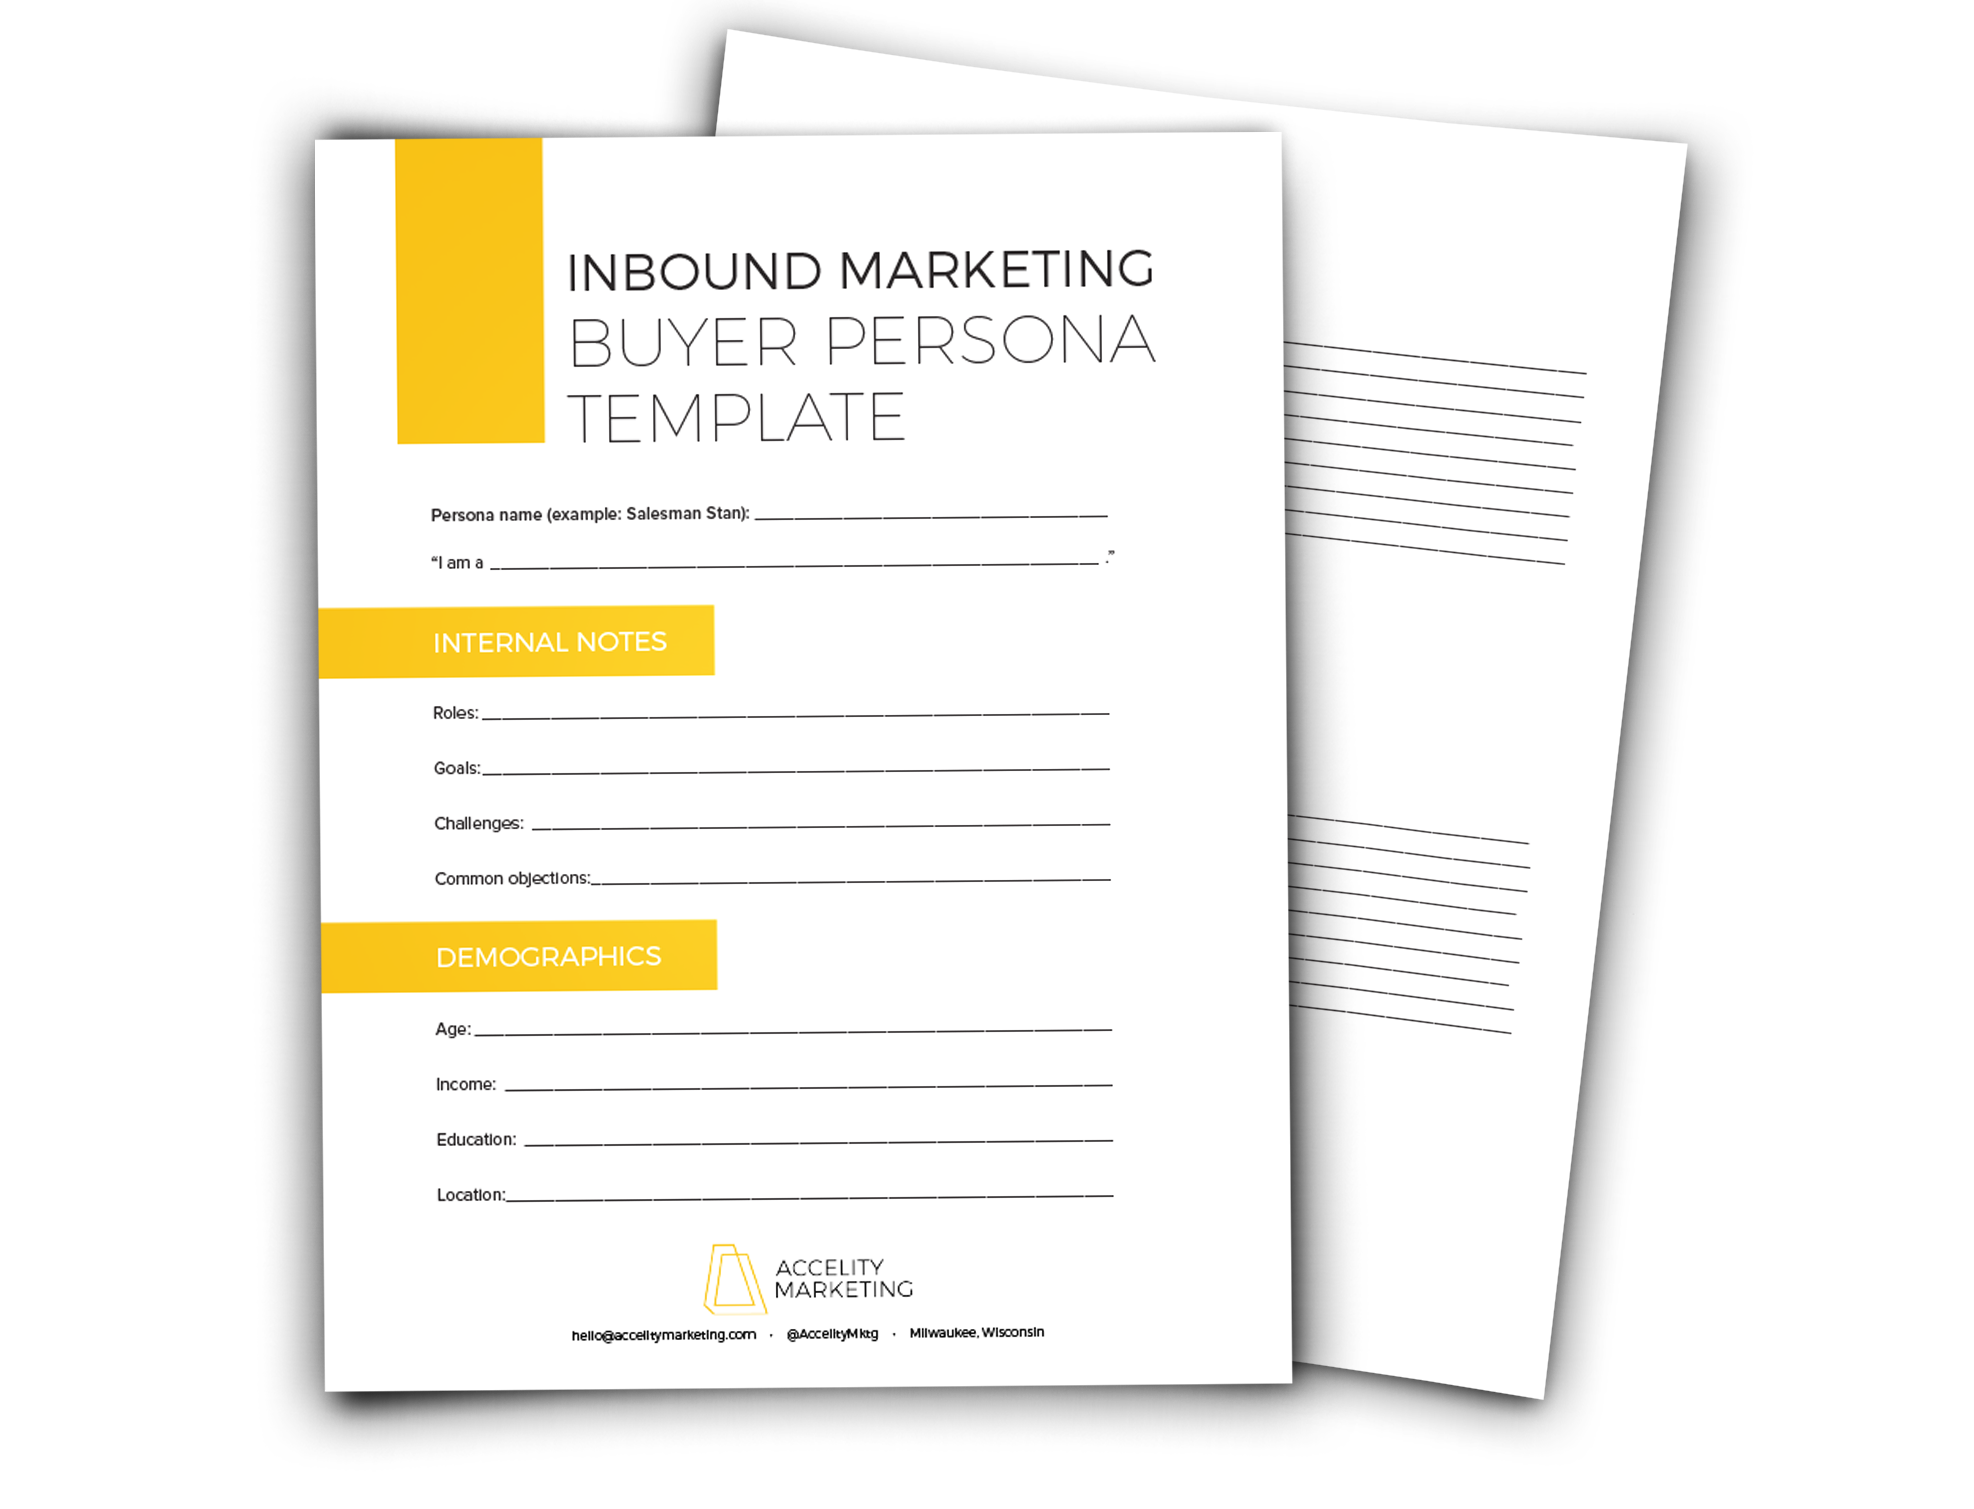 Inbound Marketing Buyer Persona Template